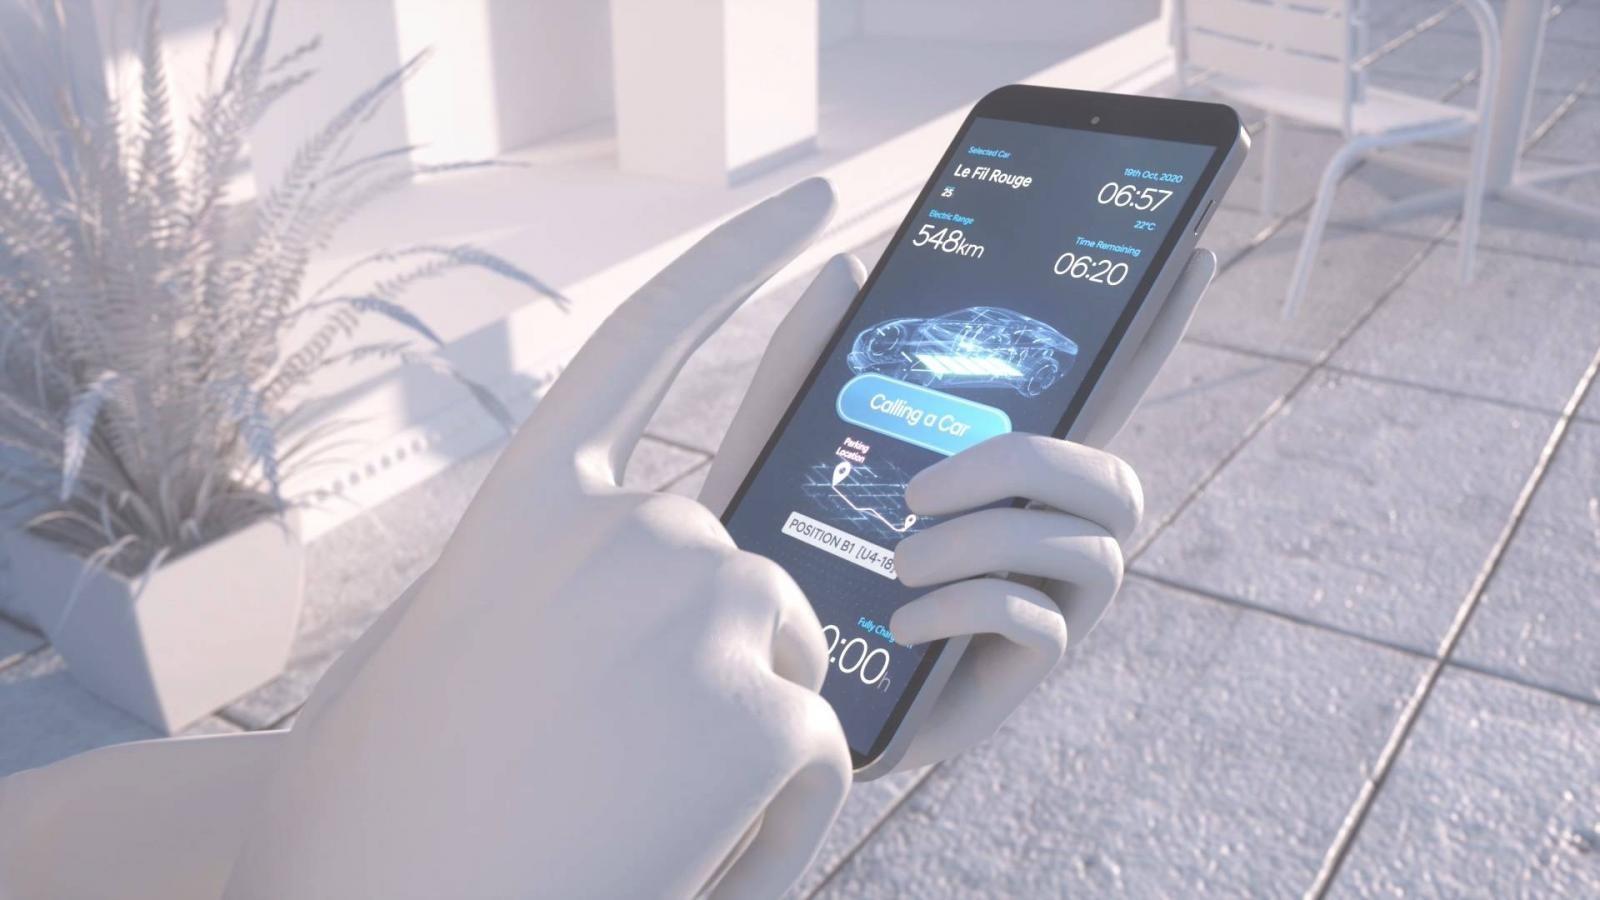 Người sử dụng có thể kiểm soát mọi thứ thông qua ứng dụng điện thoại